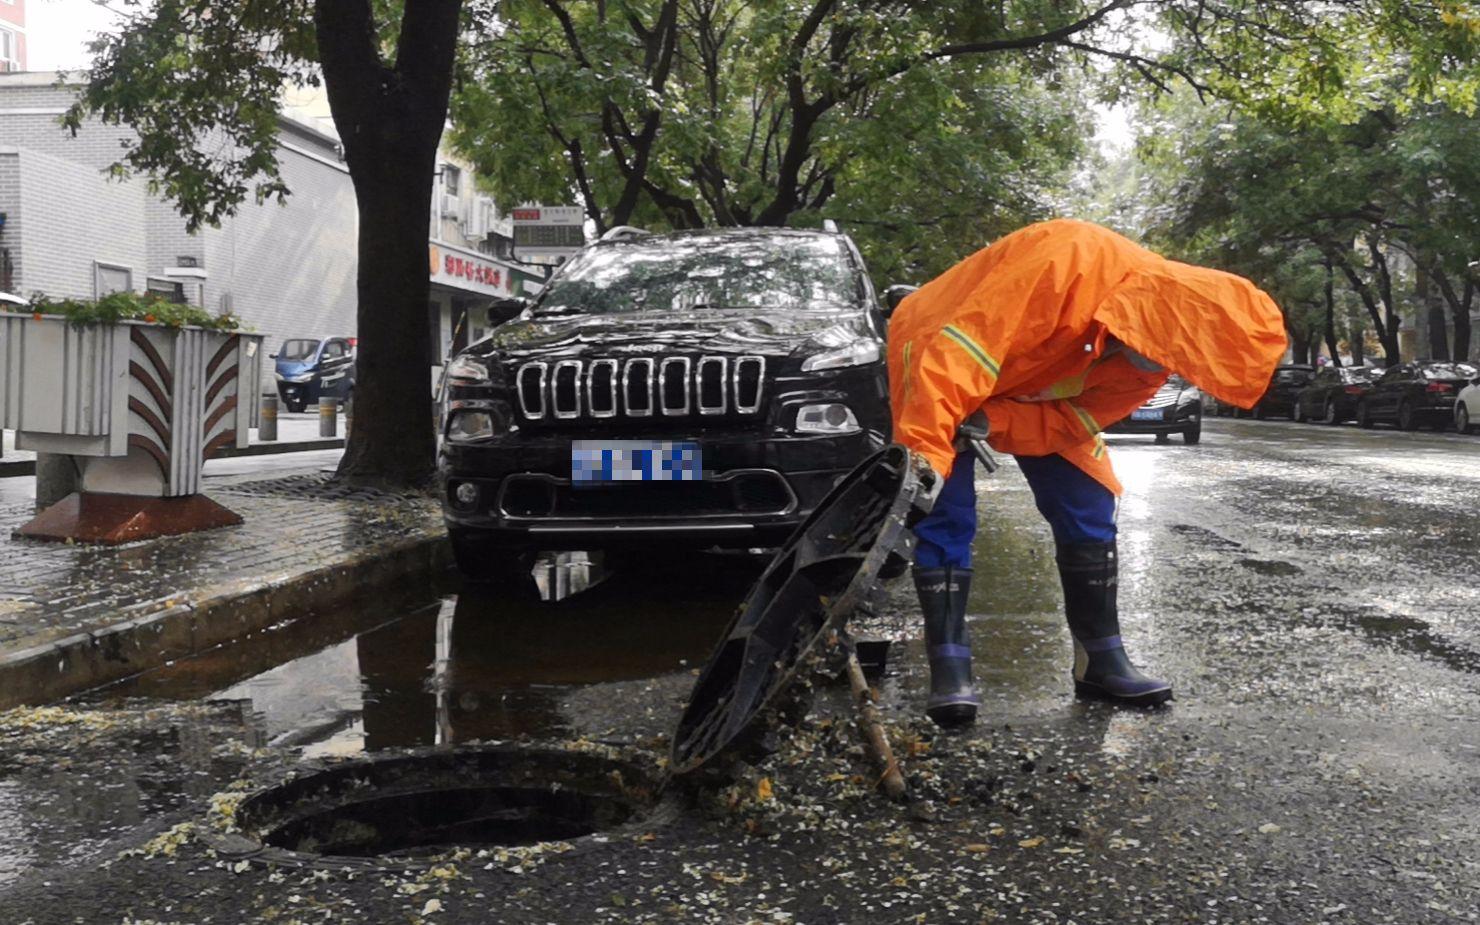 北京排水集团工作人员检查道路排水设施。图/北京排水集团